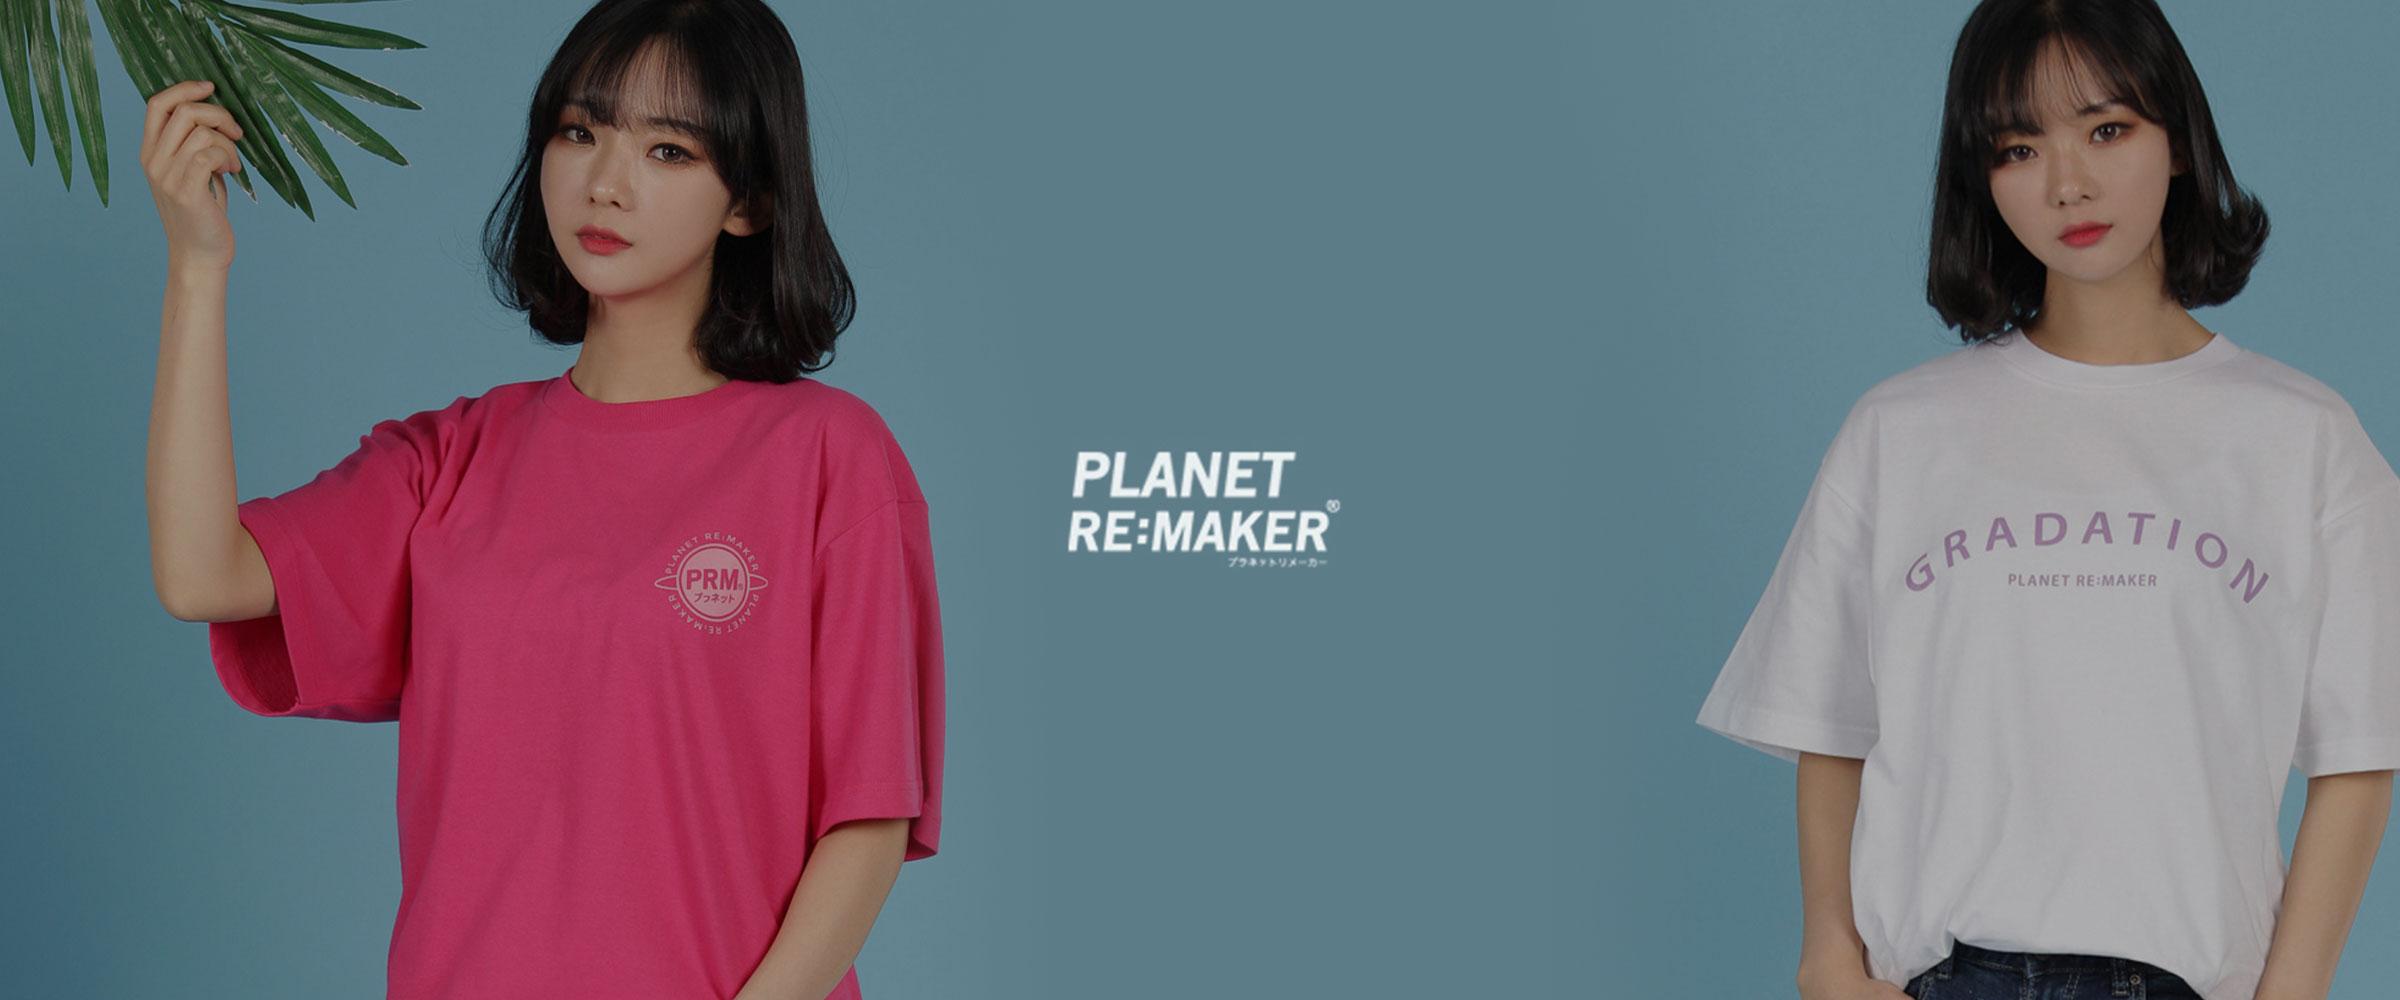 planetremaker.jpg